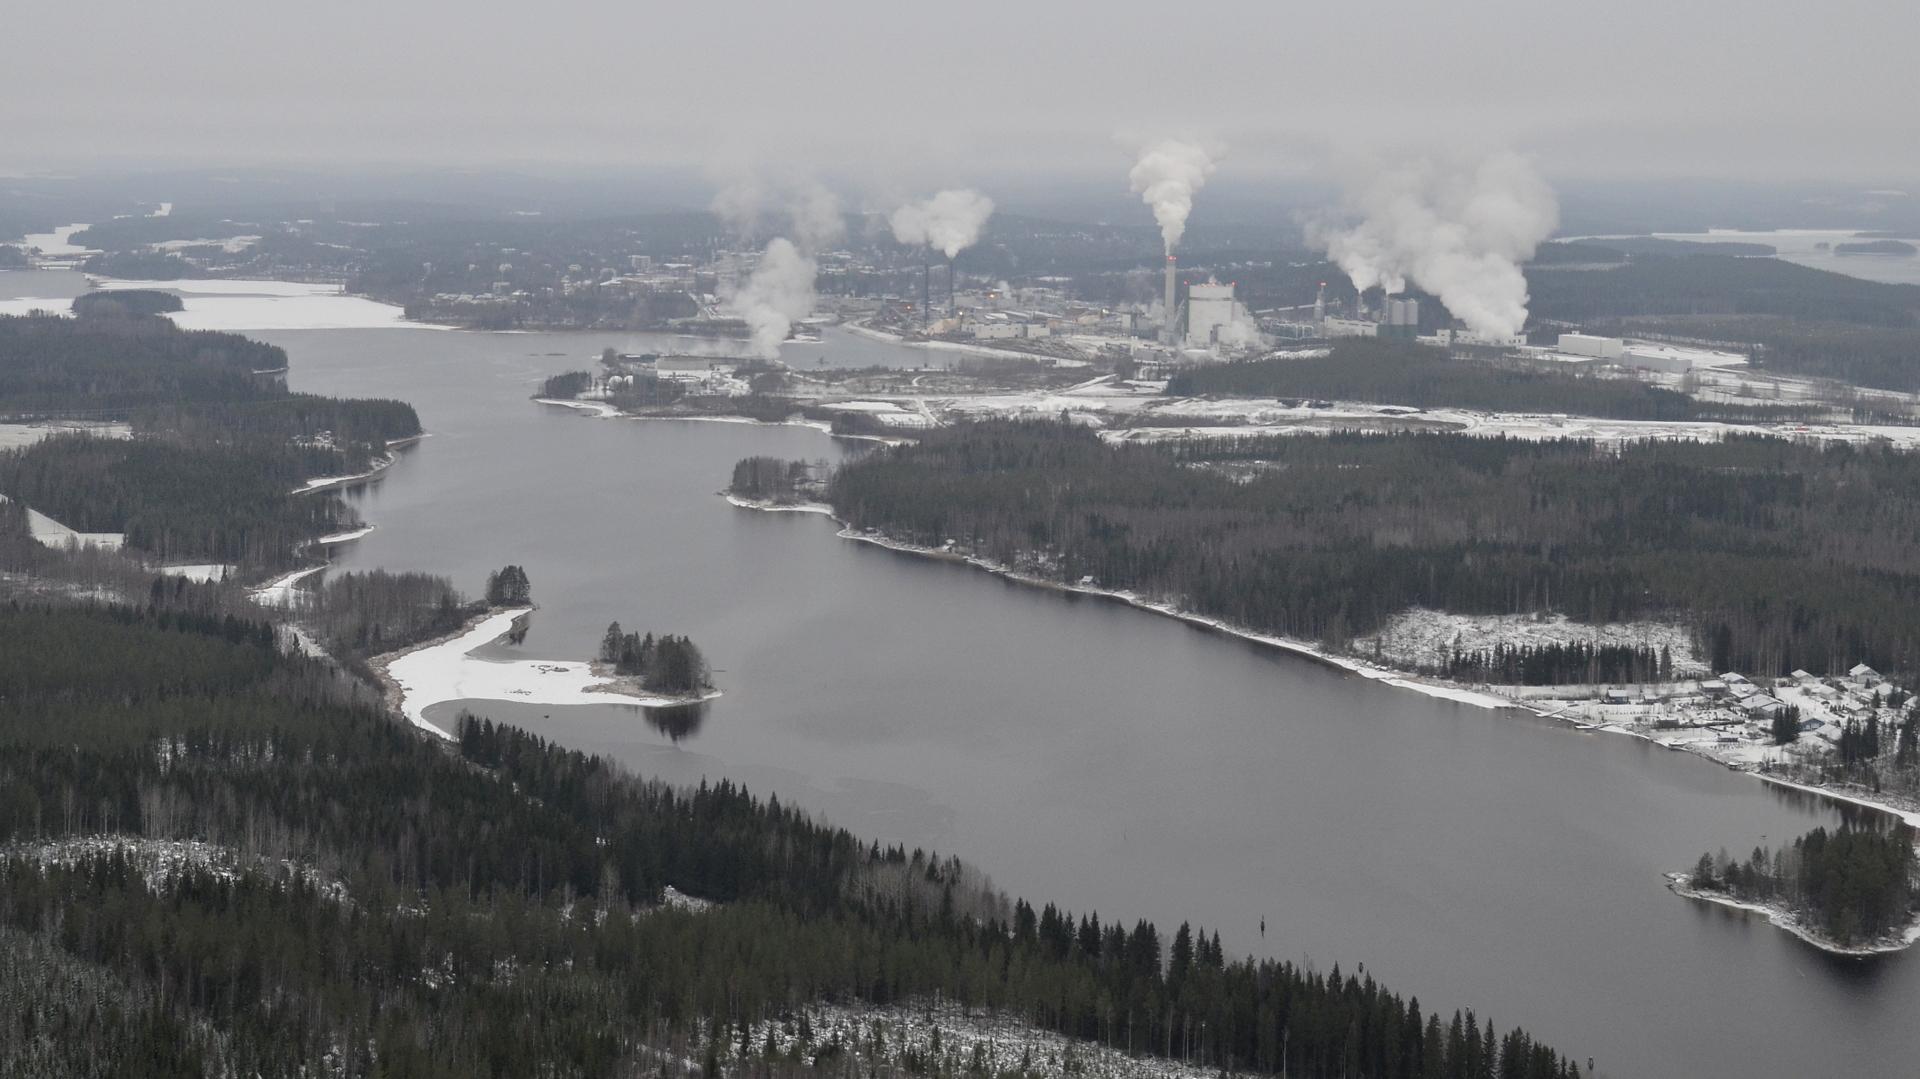 Lennolla 13.12.2018 oli Äänekoskella pilvikatto ja valo vähissä.